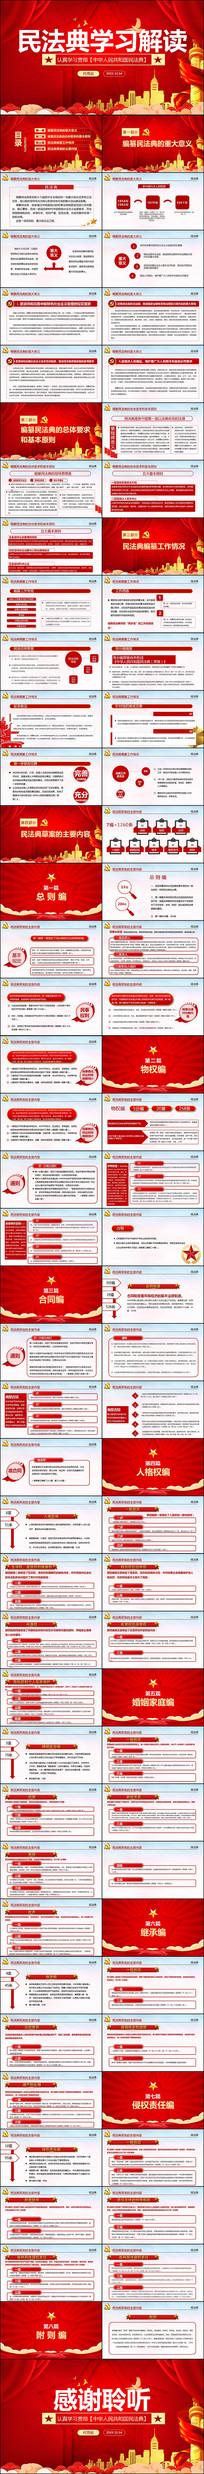 民法典草案学习解读党建党课PPT